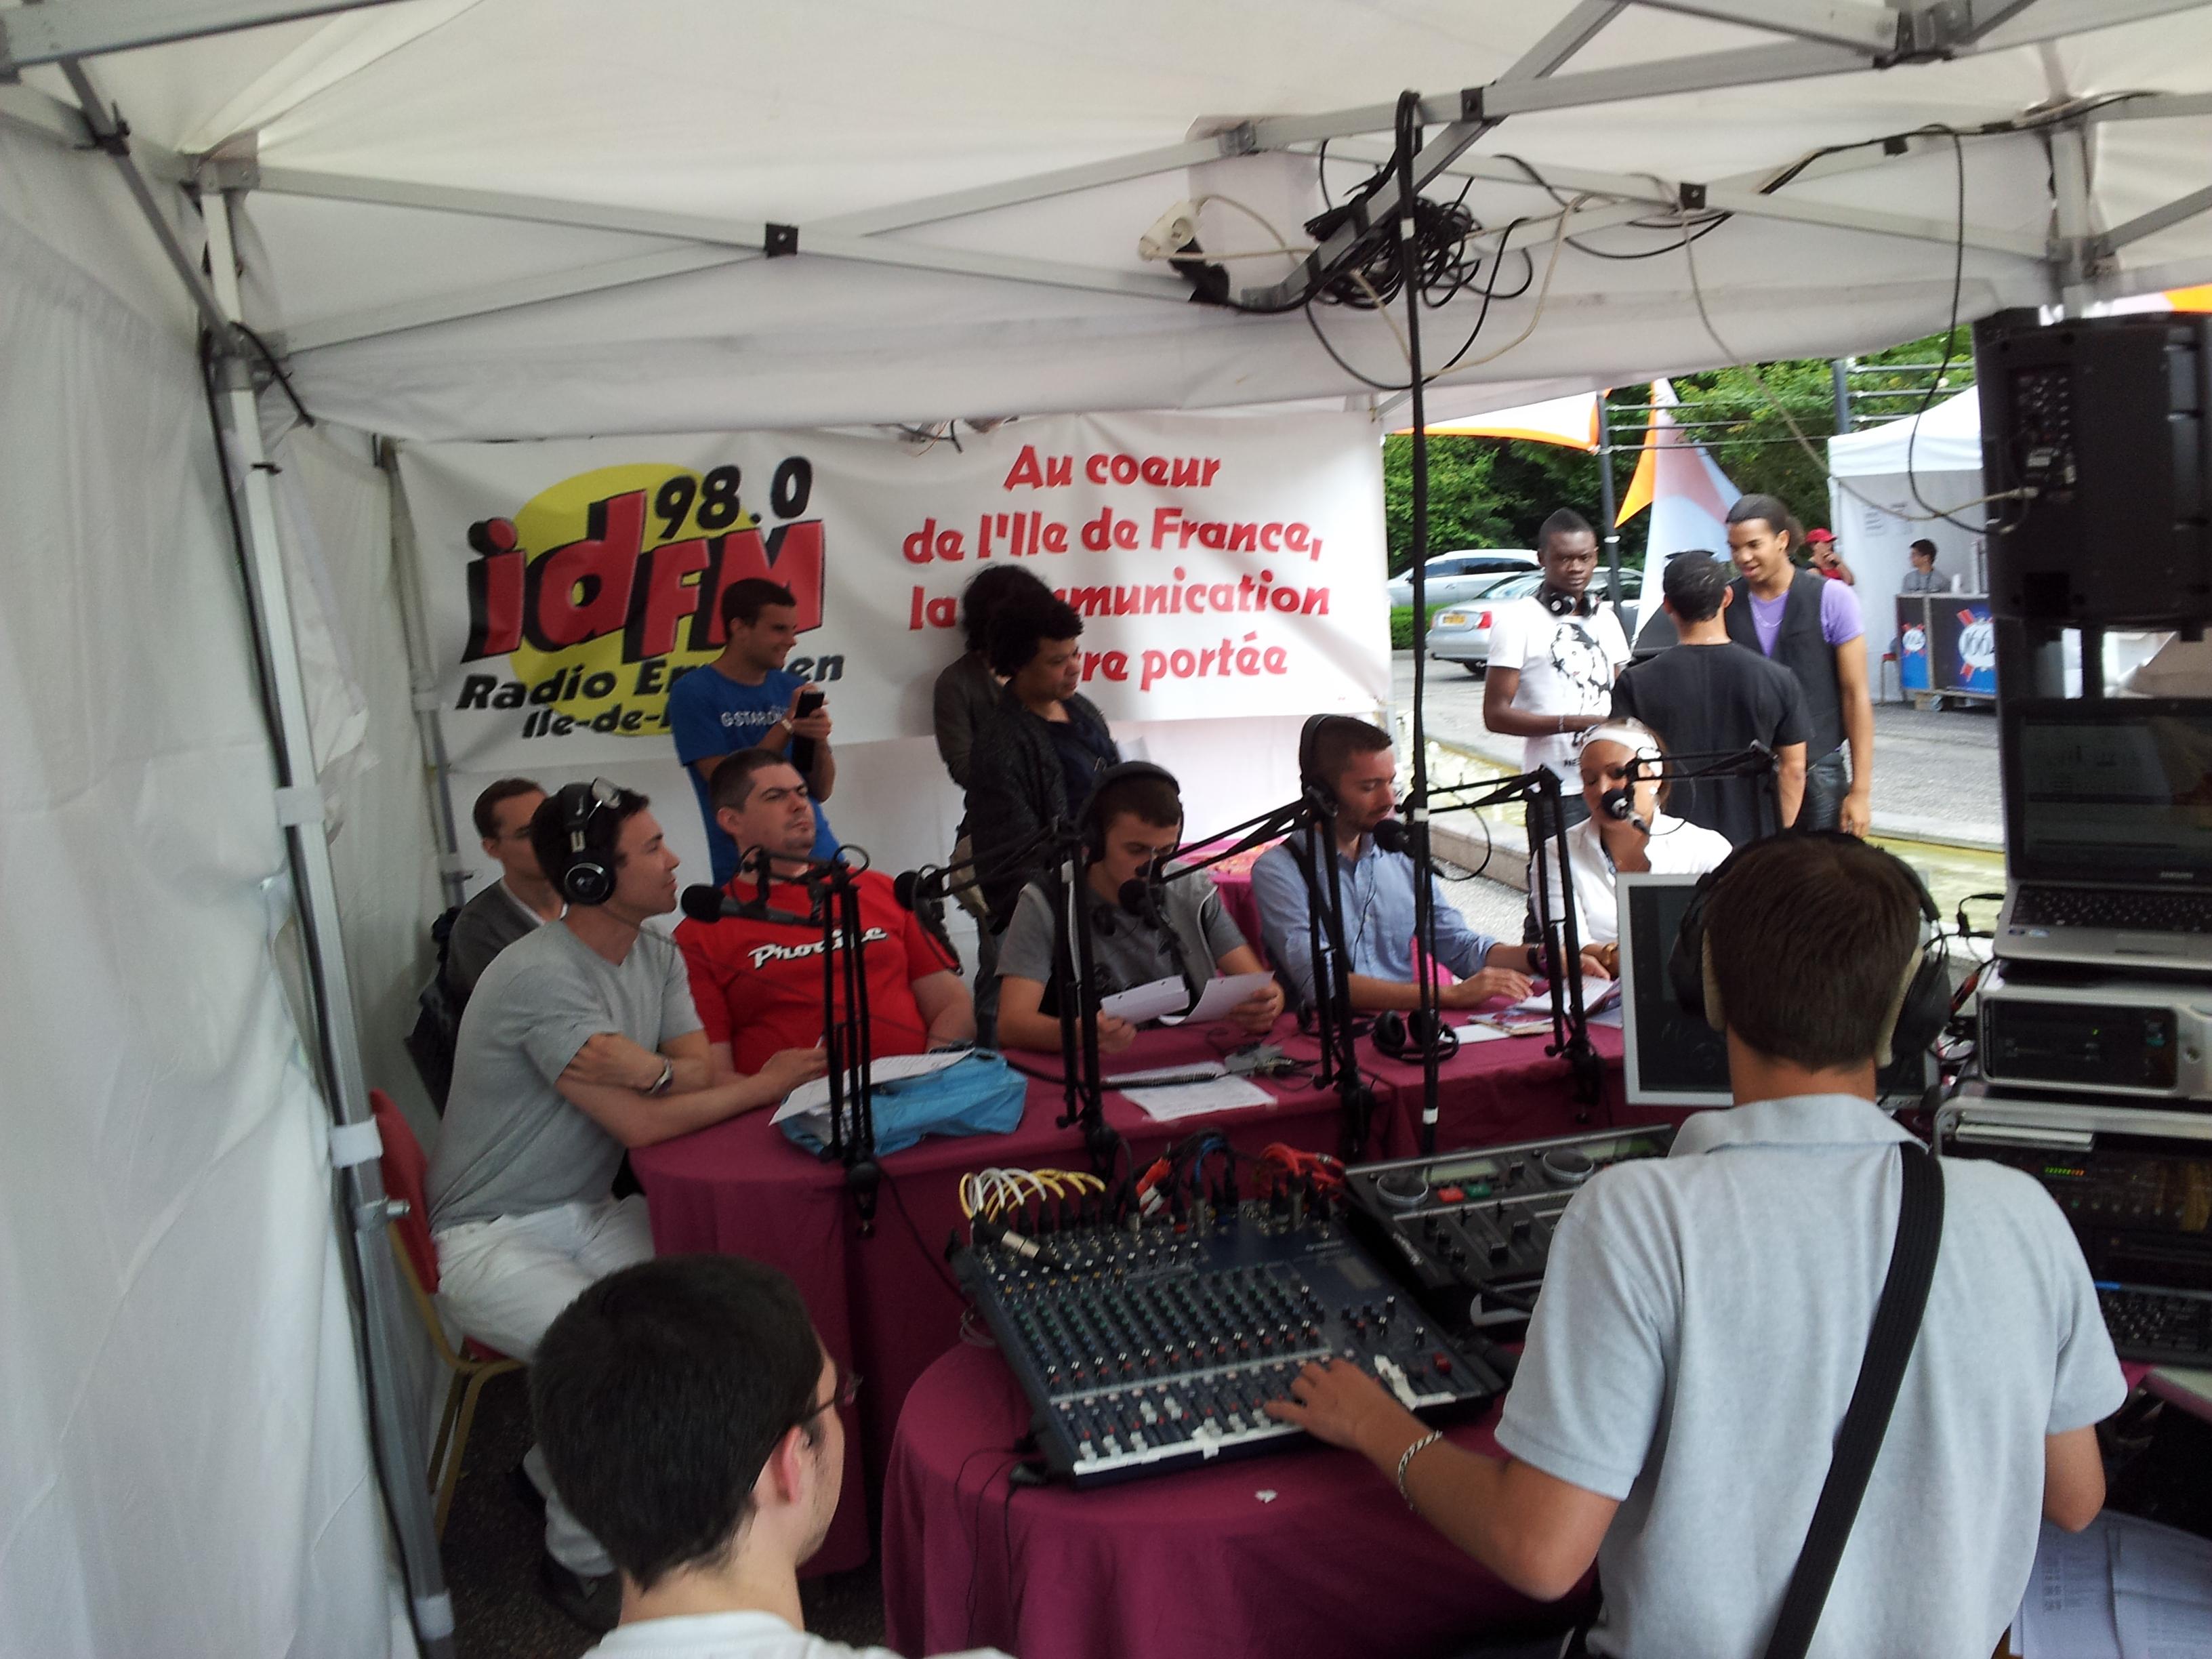 Une spéciale Festival de Jazz d'Enghien, réalisée en extérieur